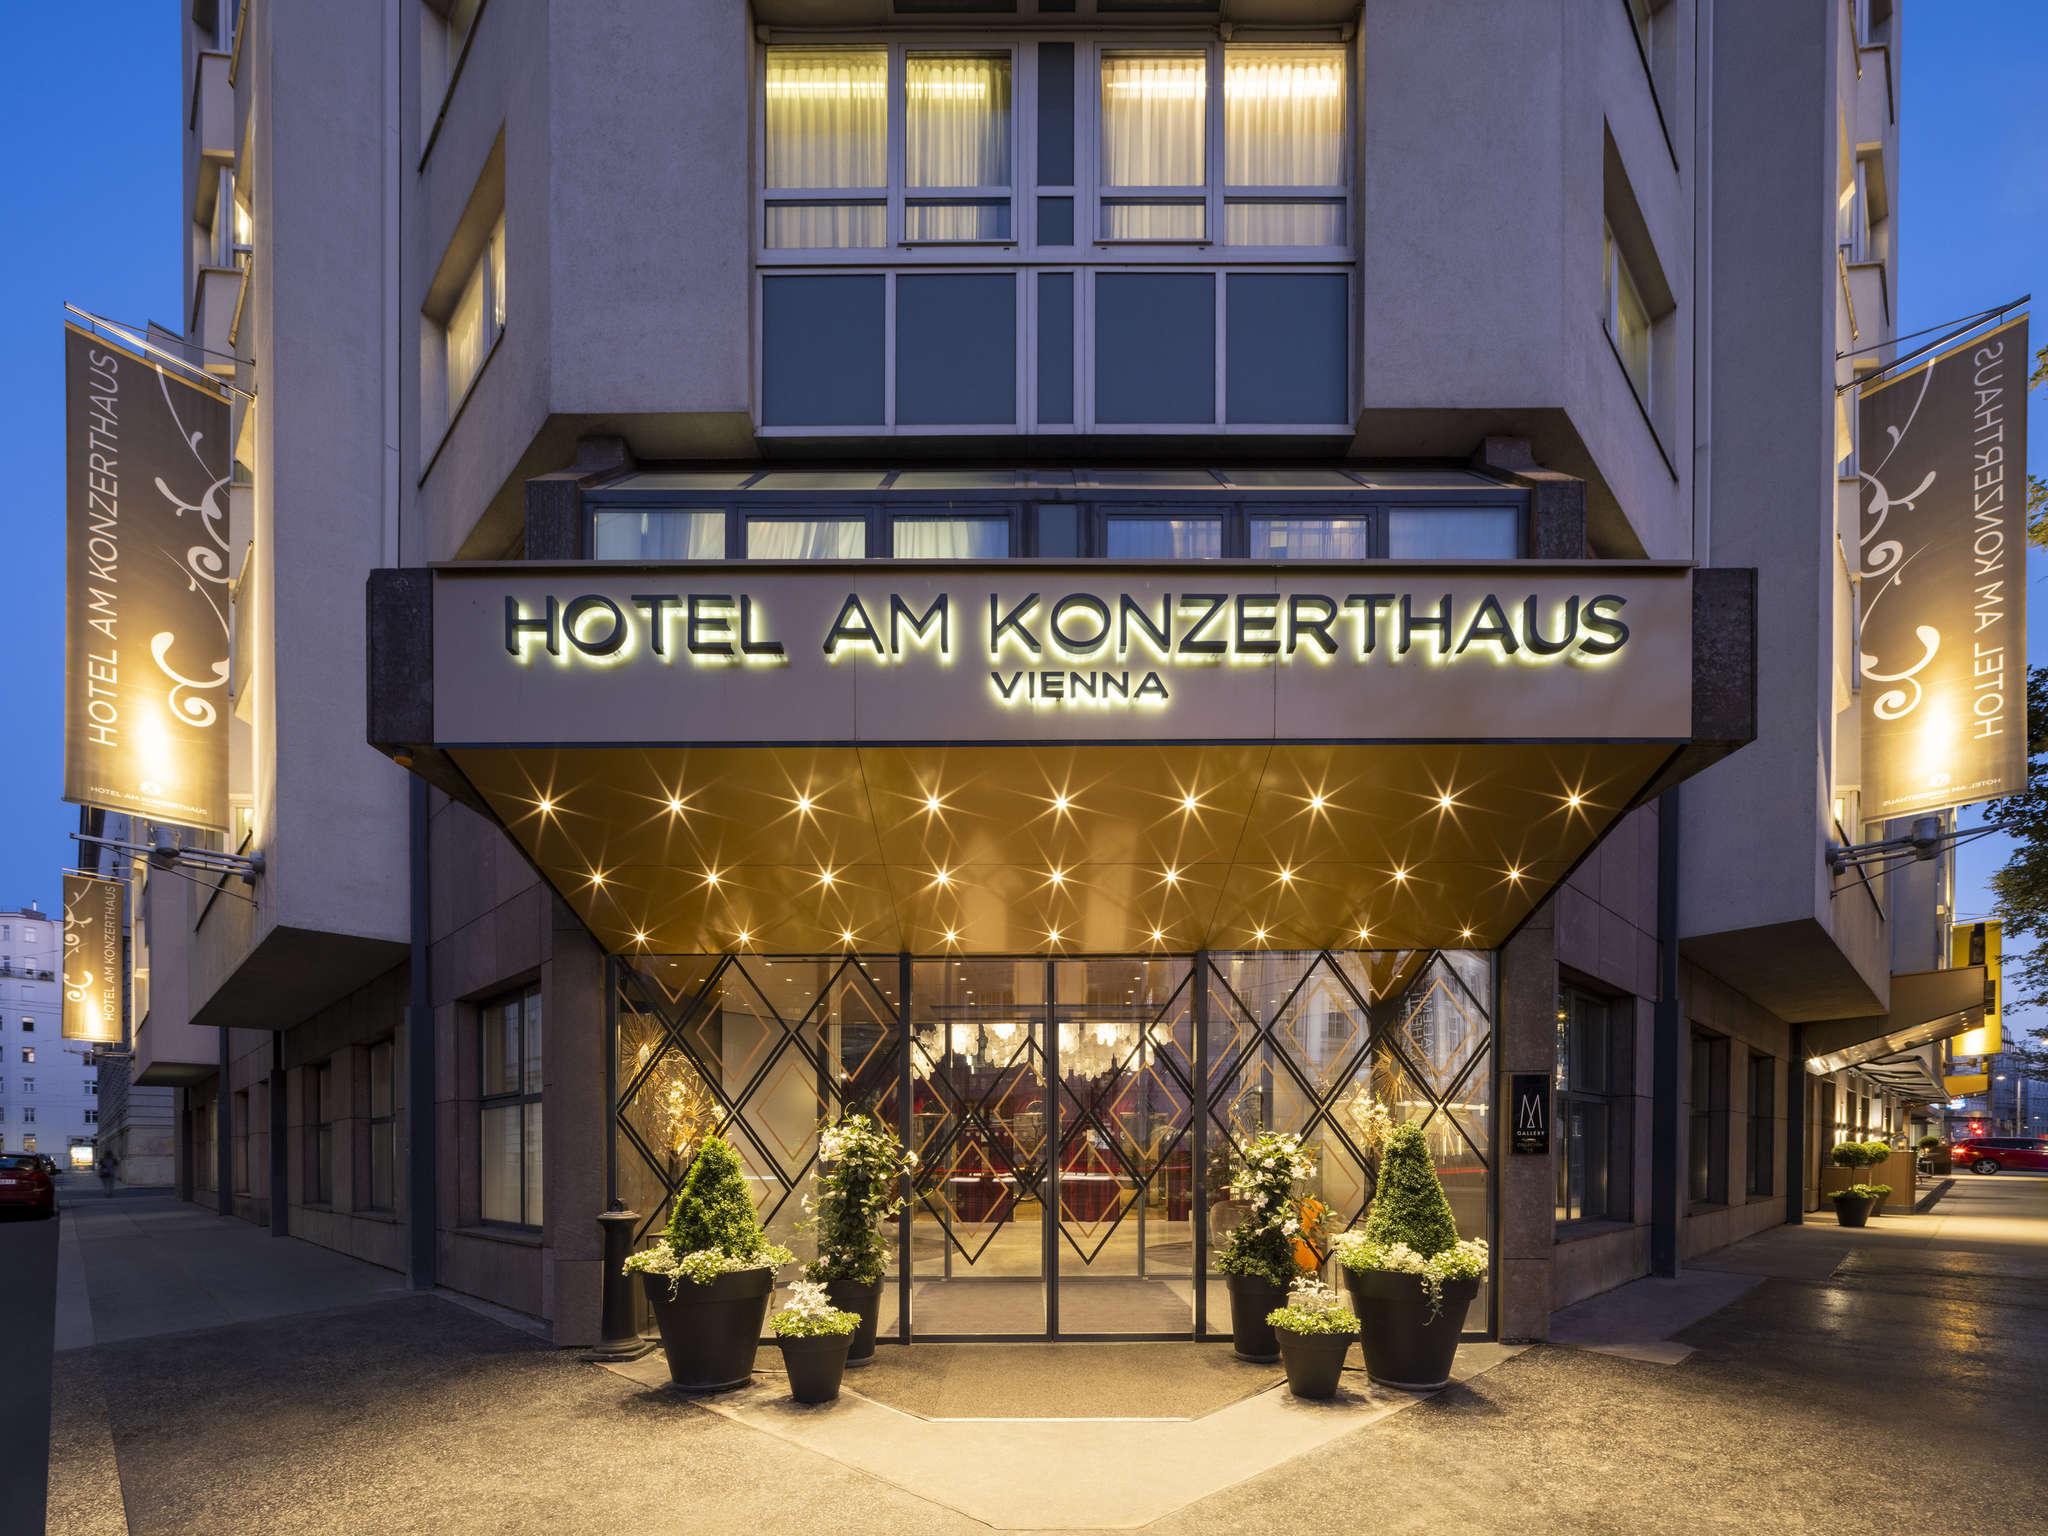 호텔 – 호텔 암 콘체르트하우스 - 엠갤러리 컬렉션